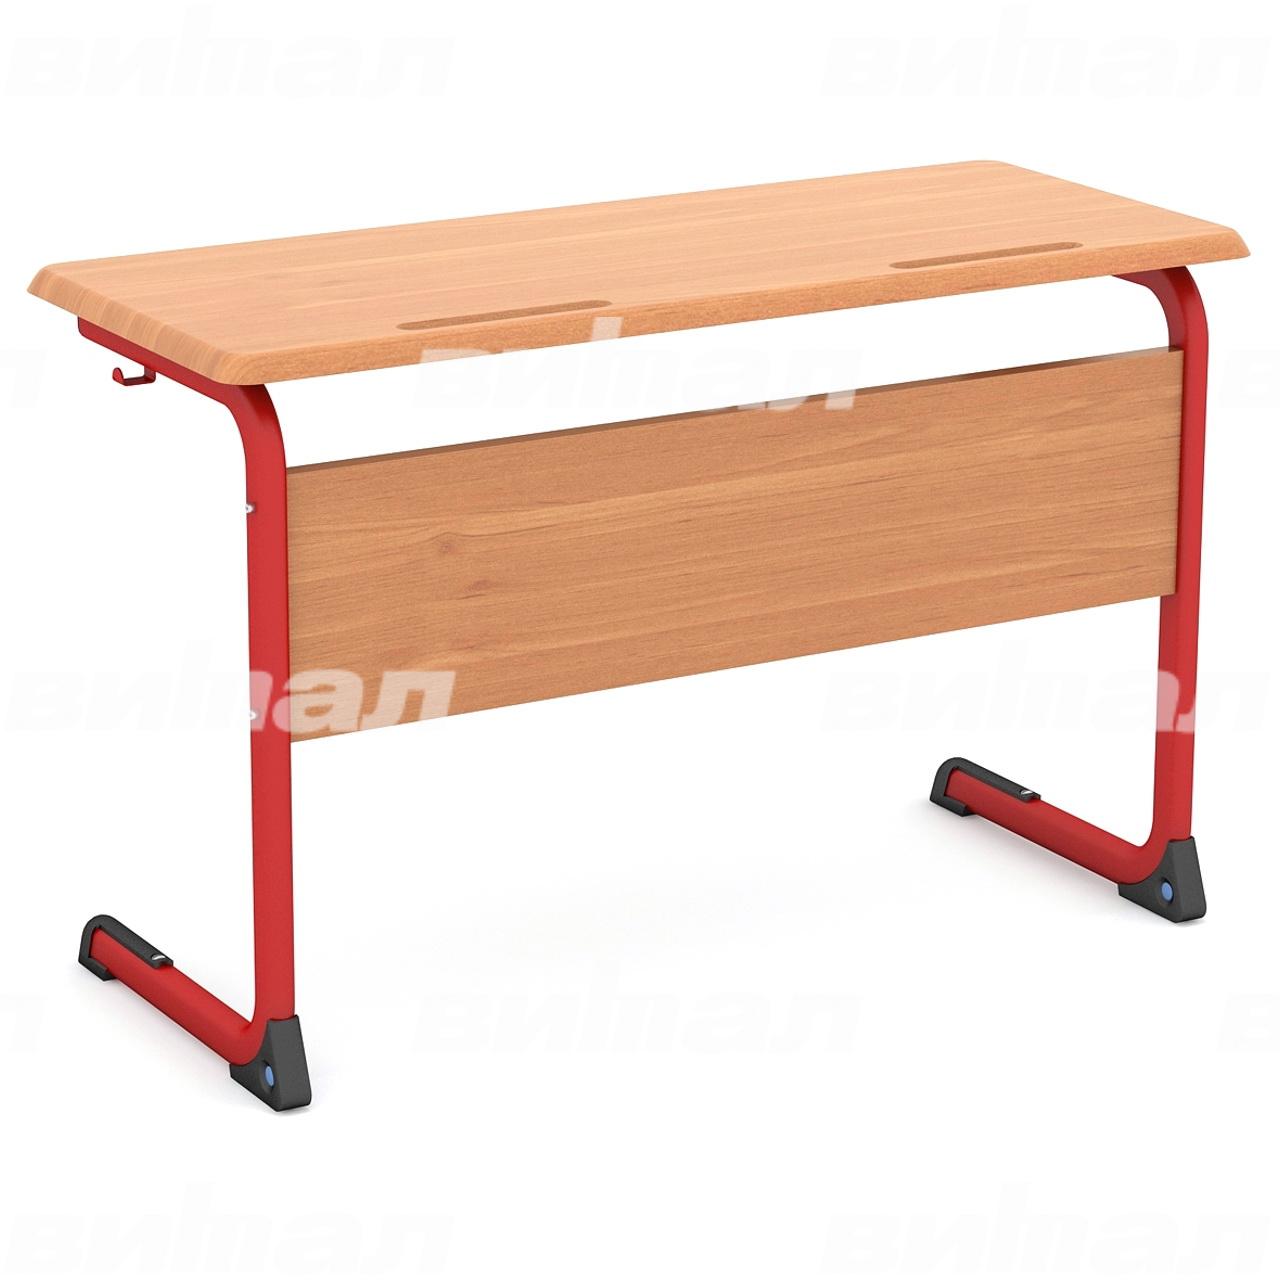 Стол ученический 2-местный нерегулируемый (гр. 3, 4, 5 или 6) МДФ красный Бук 5 МДФ плоскоовальная